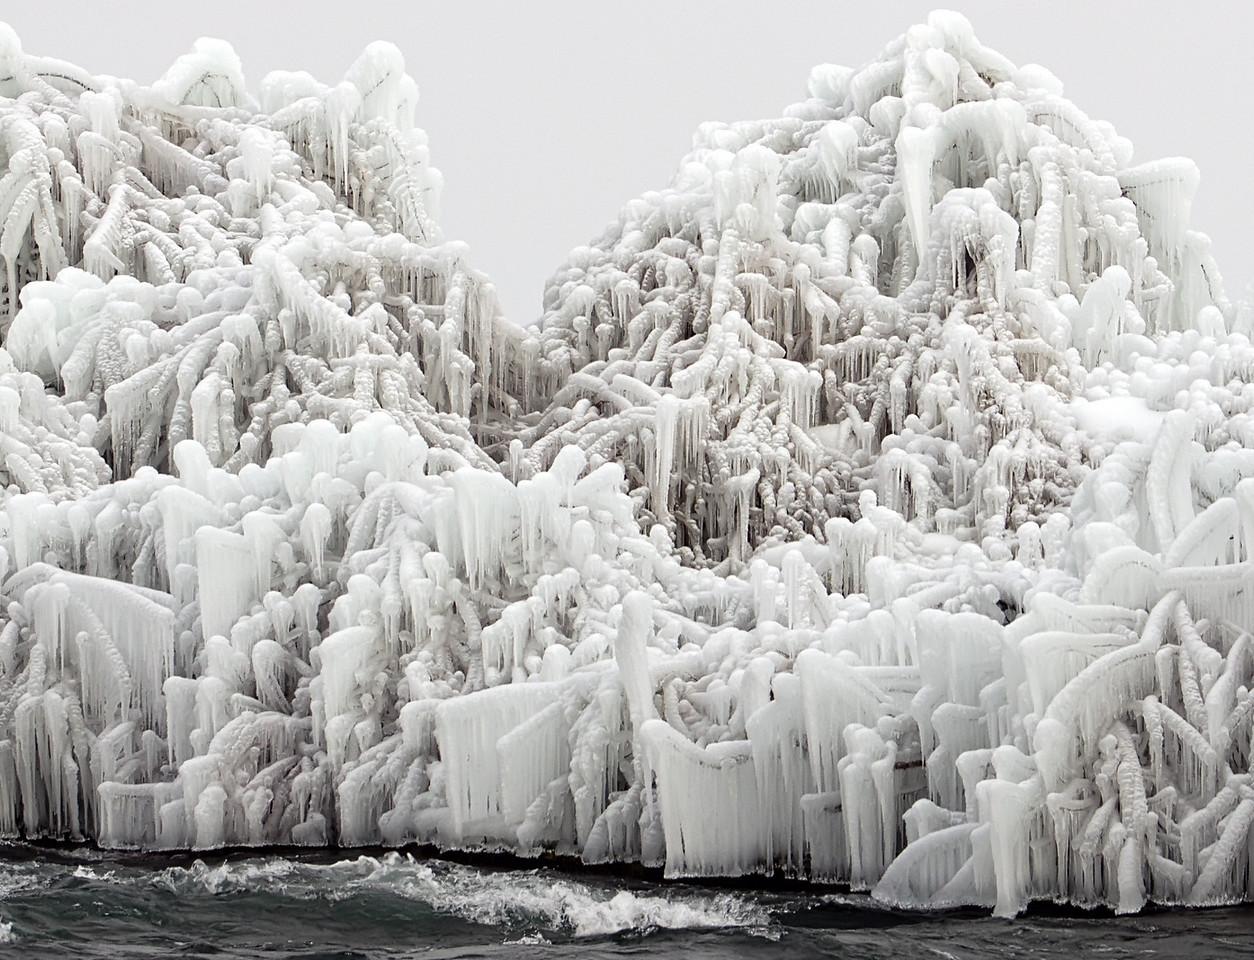 2010-12-27 - Niagara - 56